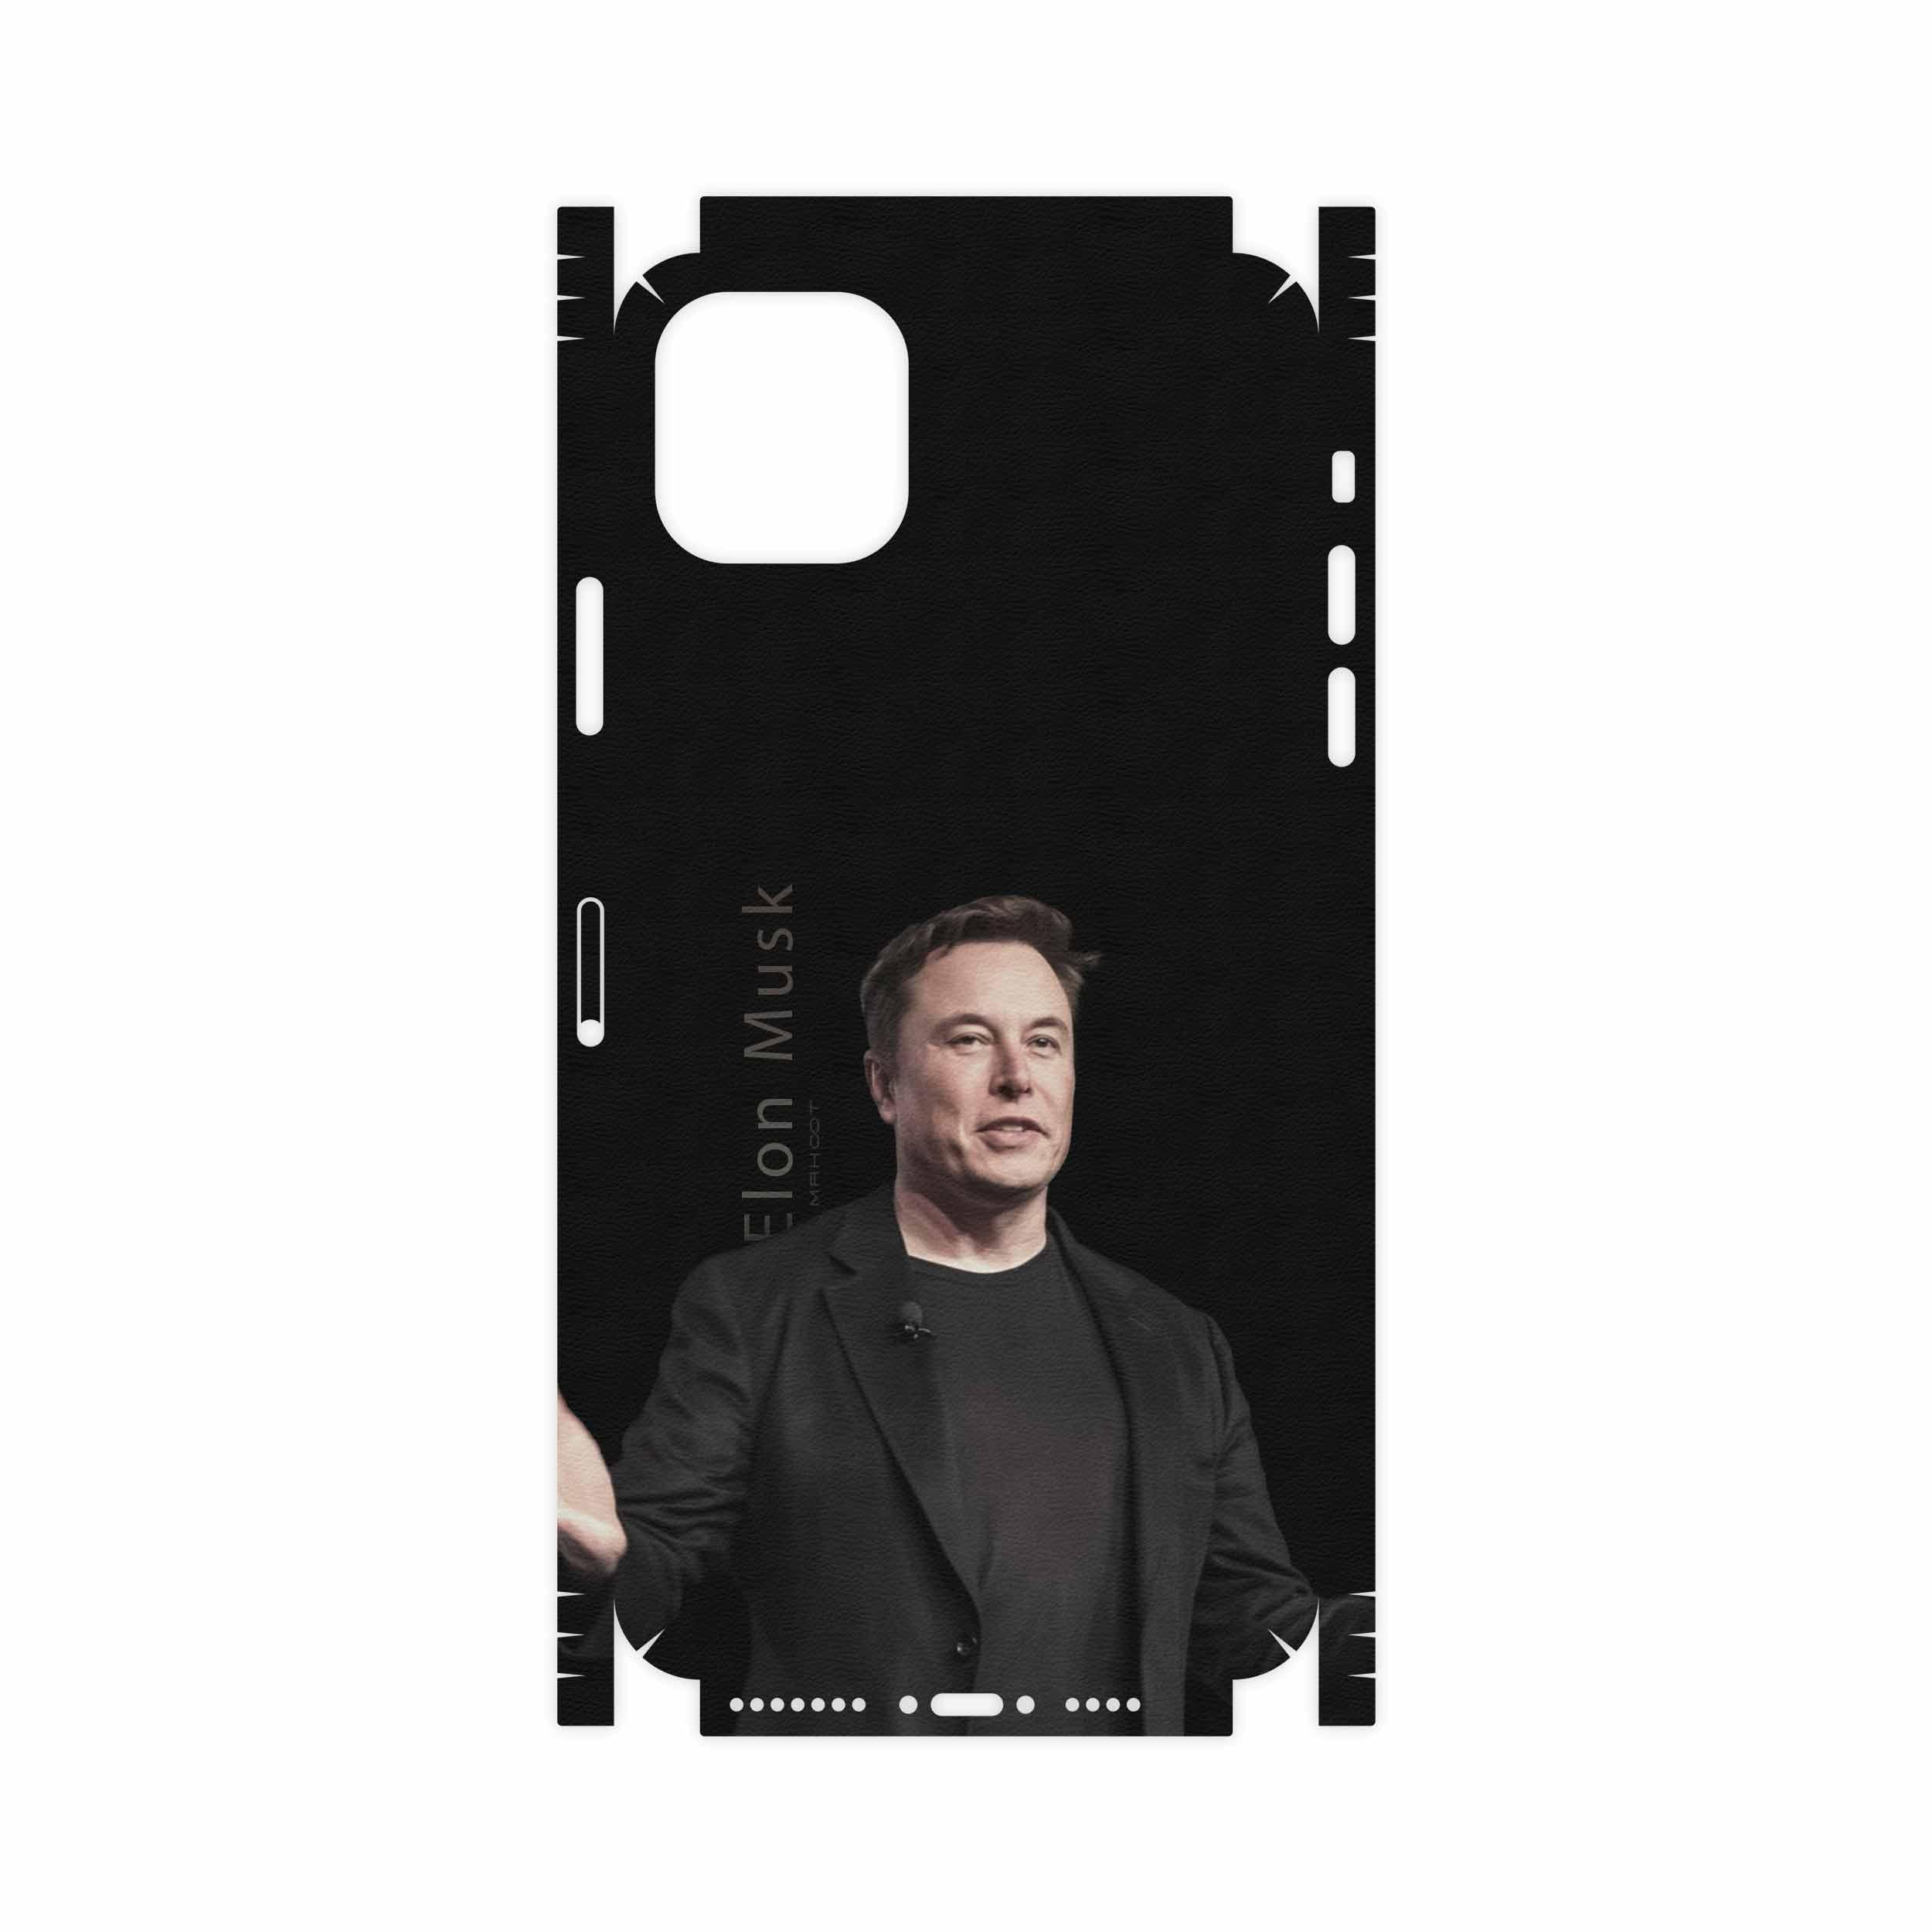 برچسب پوششی ماهوت مدل Elon Musk-FullSkin مناسب برای گوشی موبایل اپل iPhone 11 Pro Max